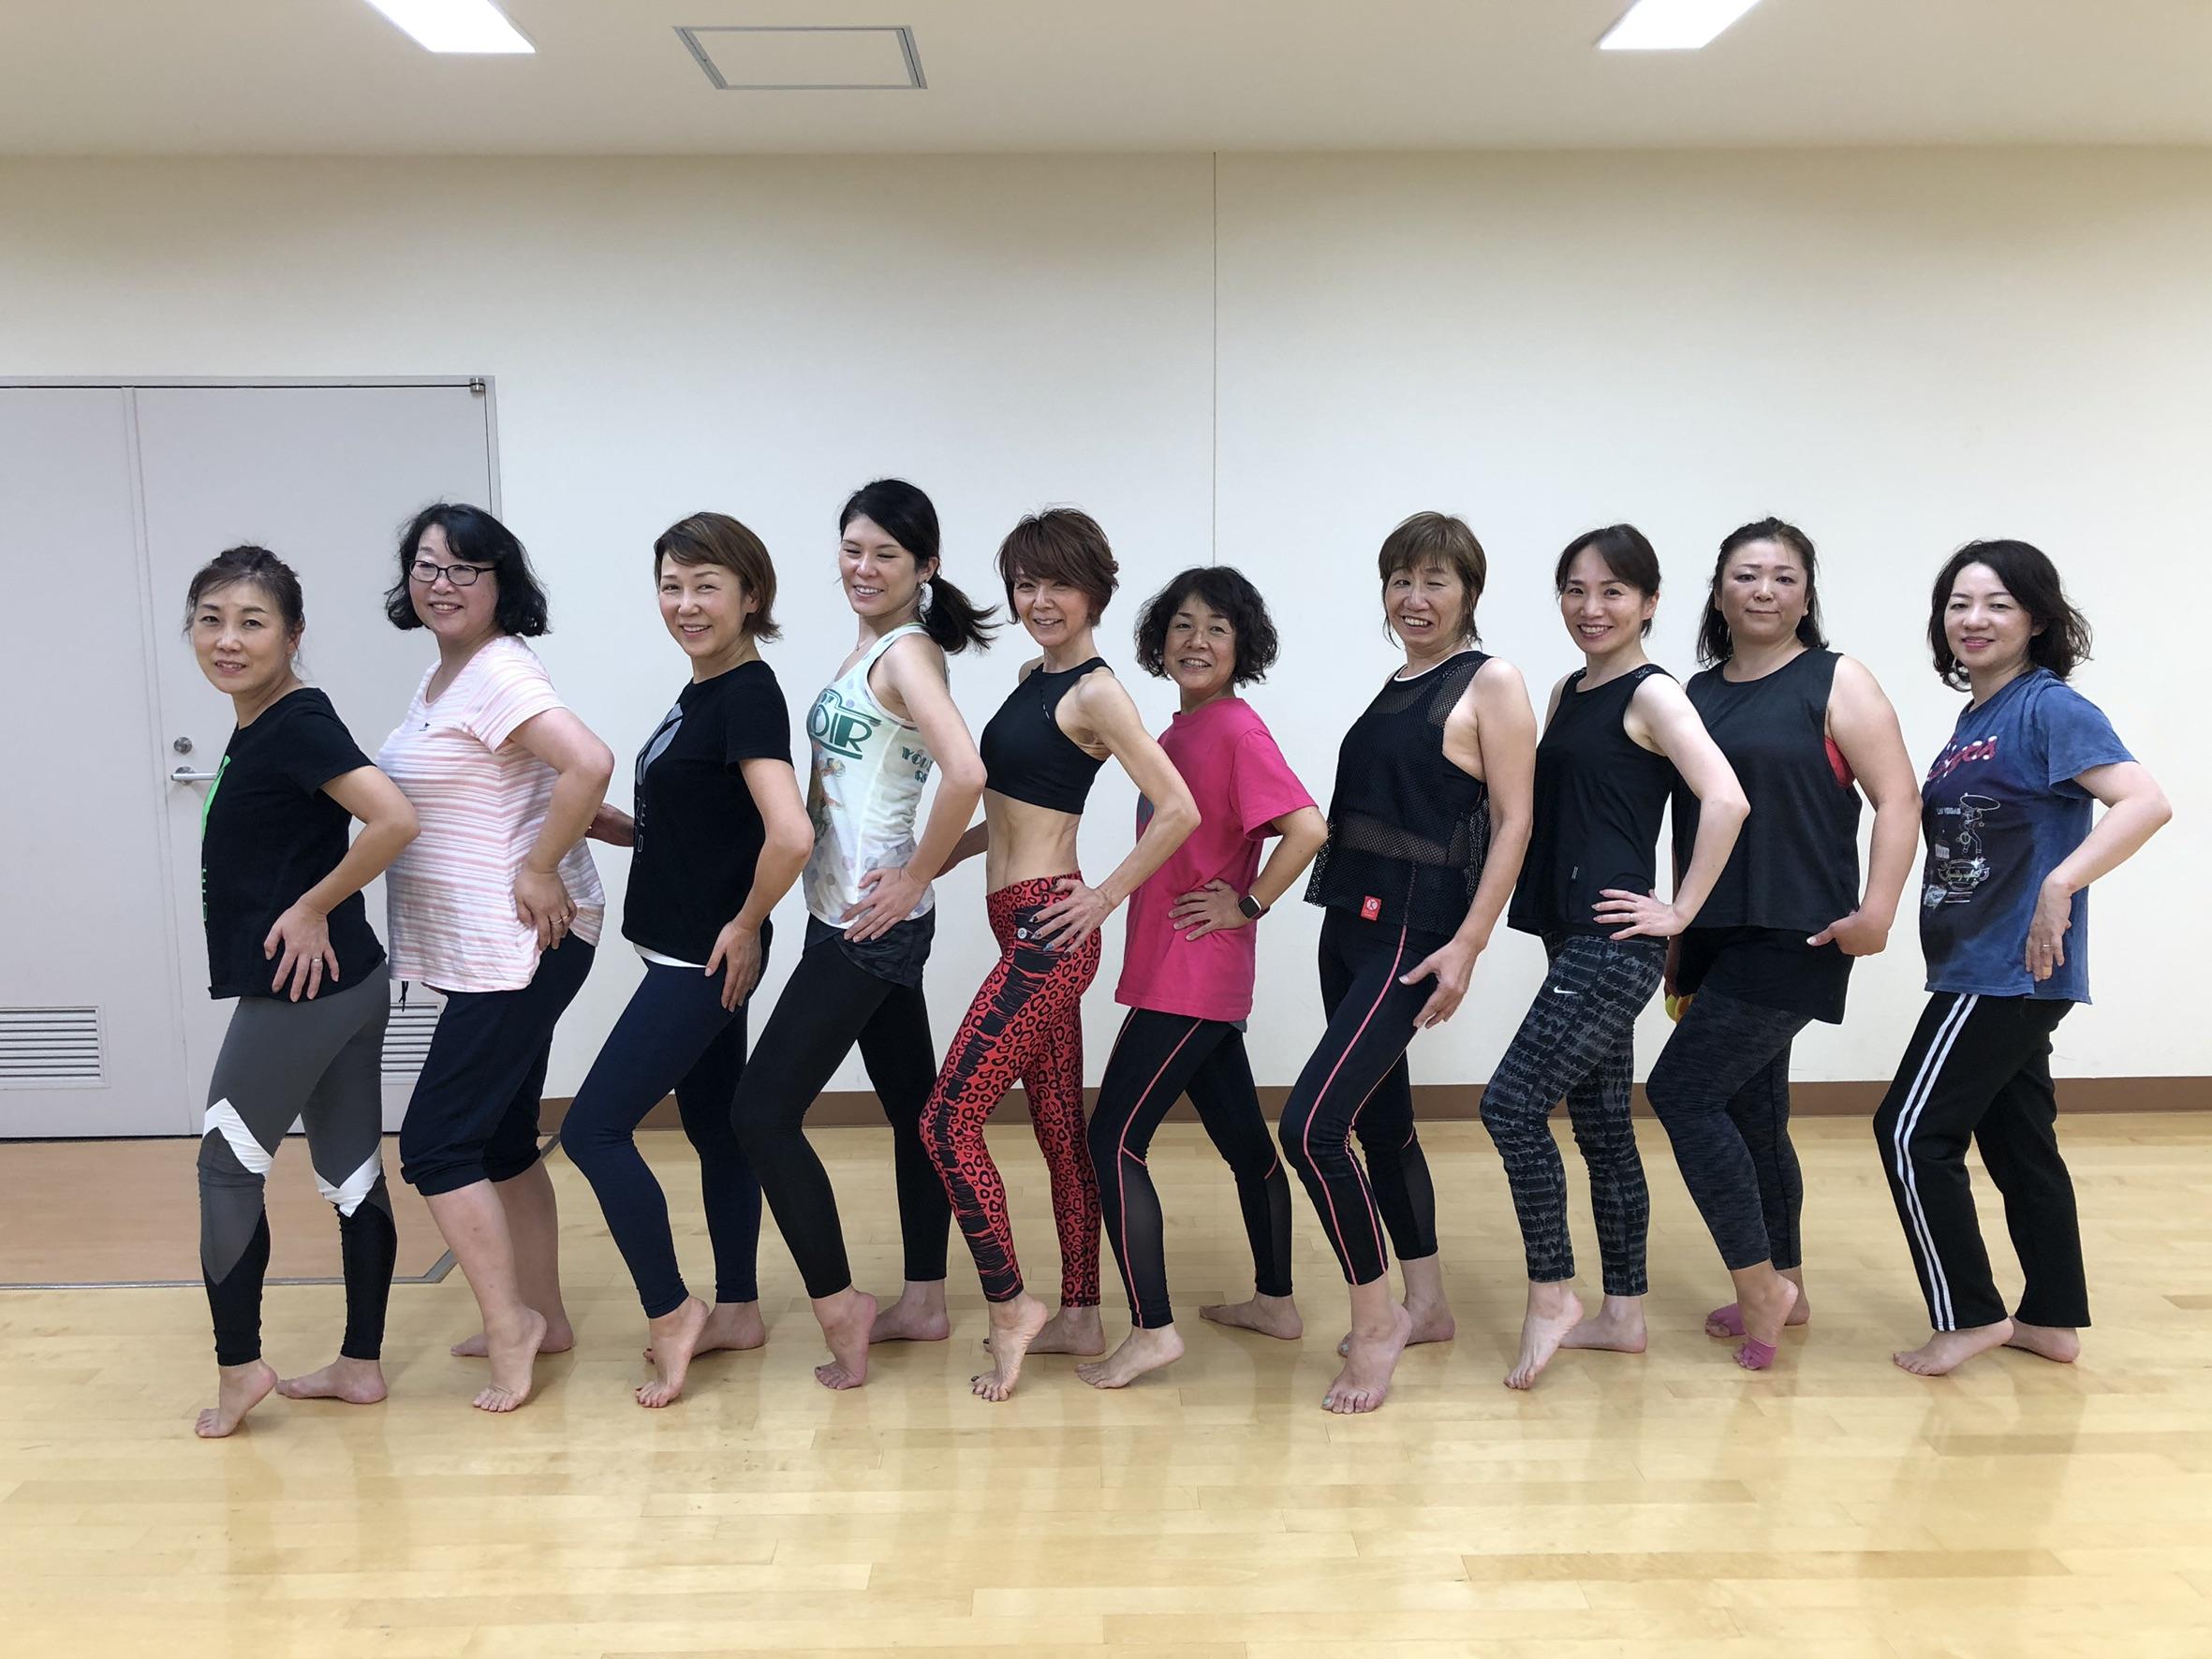 2019年11月19日(火)東京・日暮里でのレッスン(更新)